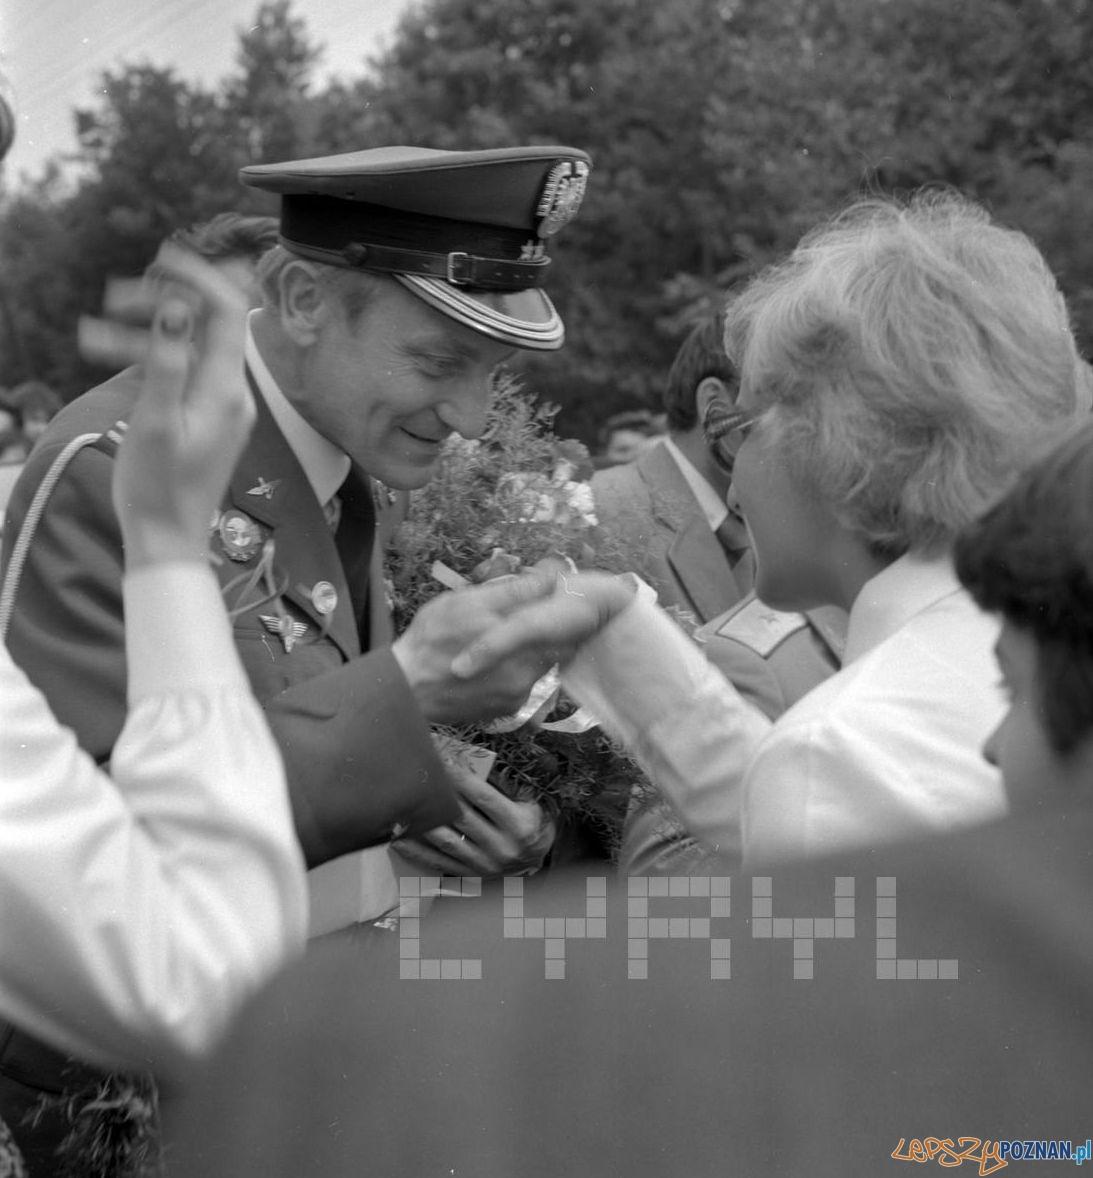 M. Hermaszewski P. Klimuk - 28.07.1978 [S.Wiktor Cyryl] (11)  Foto: Stanisław Wiktor / Cyryl